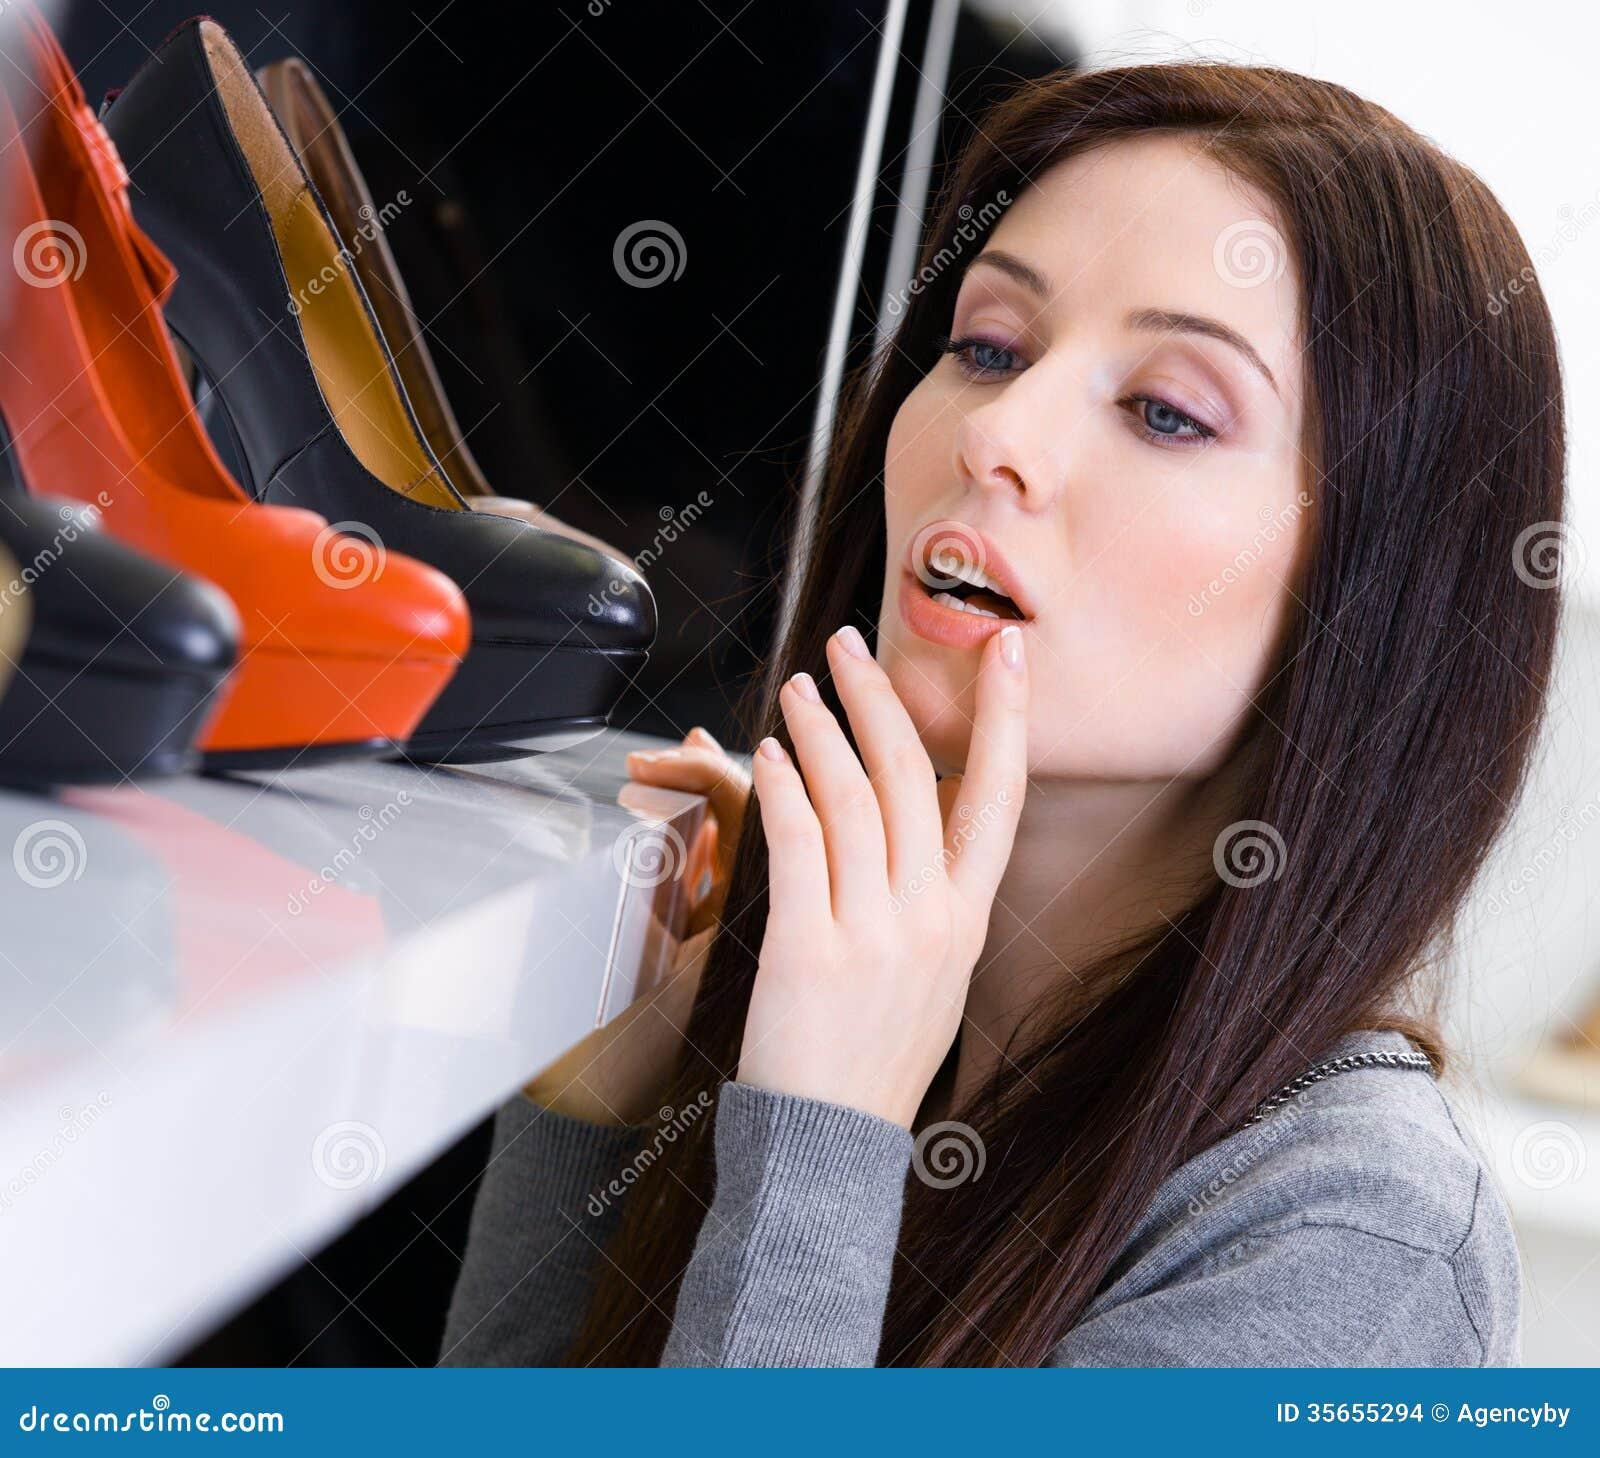 Schließen Sie oben von der Frau, die ein Paar Schuhe wählt